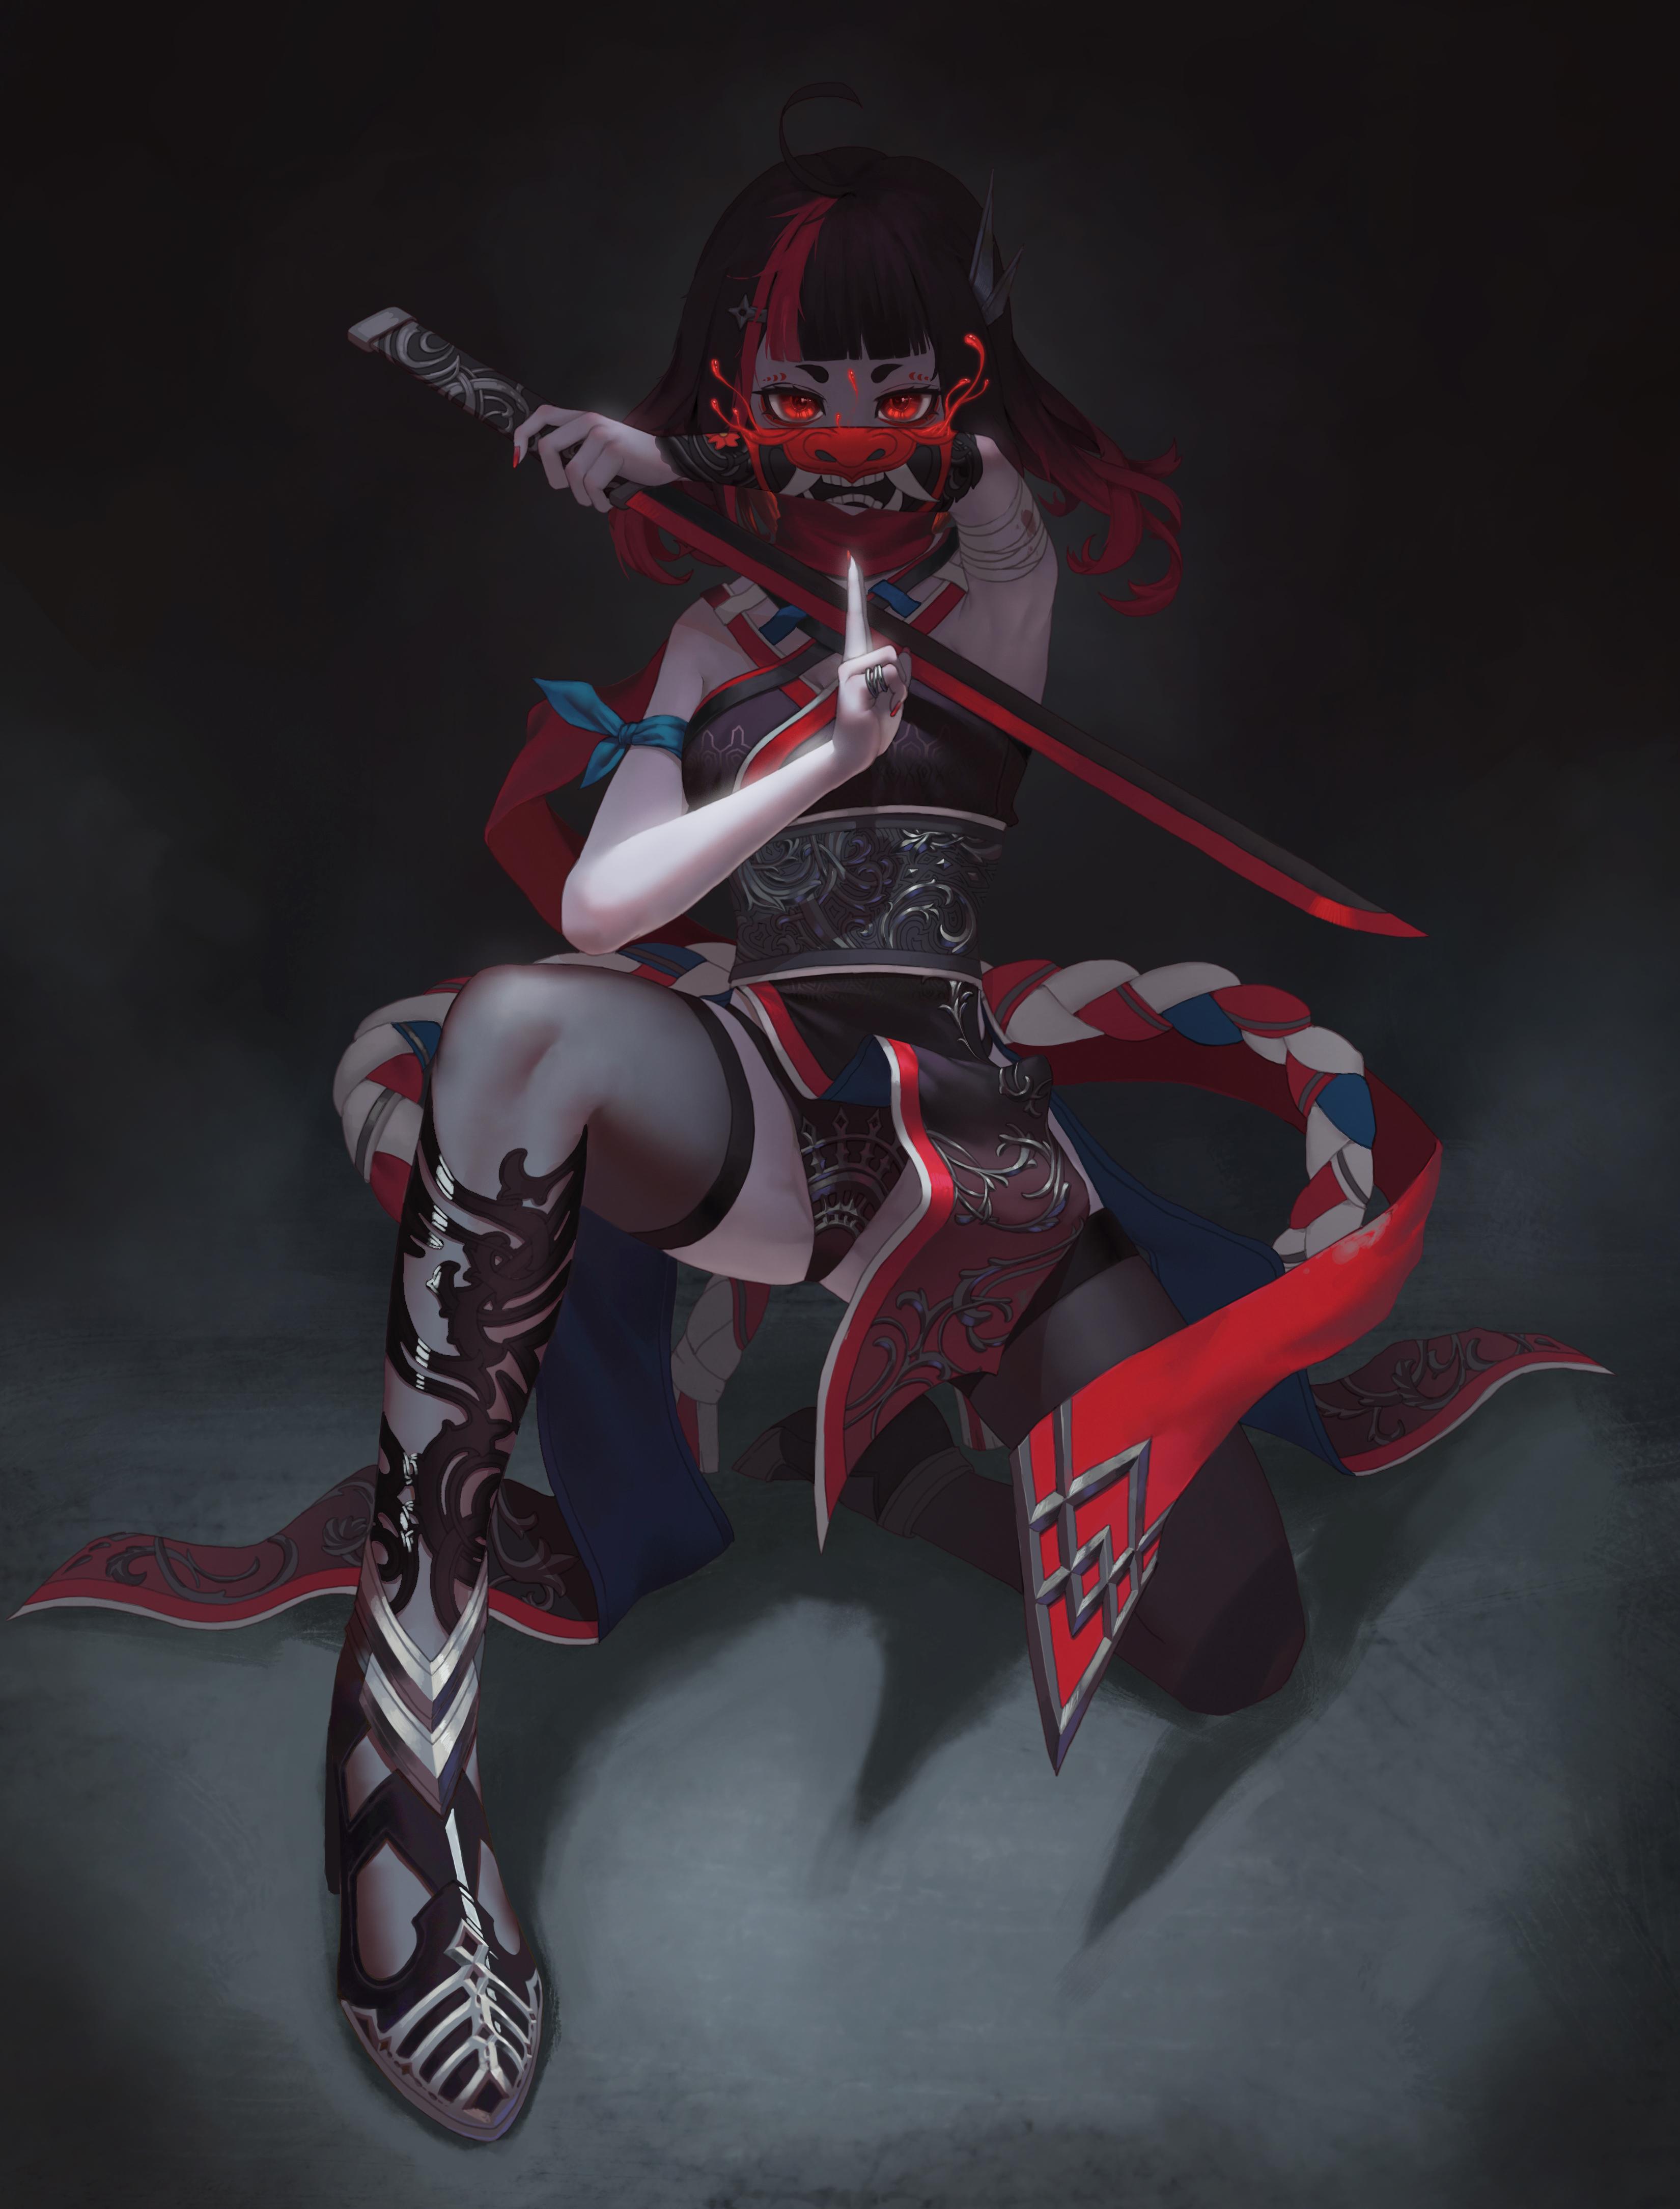 Wallpaper : ninja girl, oni mask, sword, red eyes, artwork